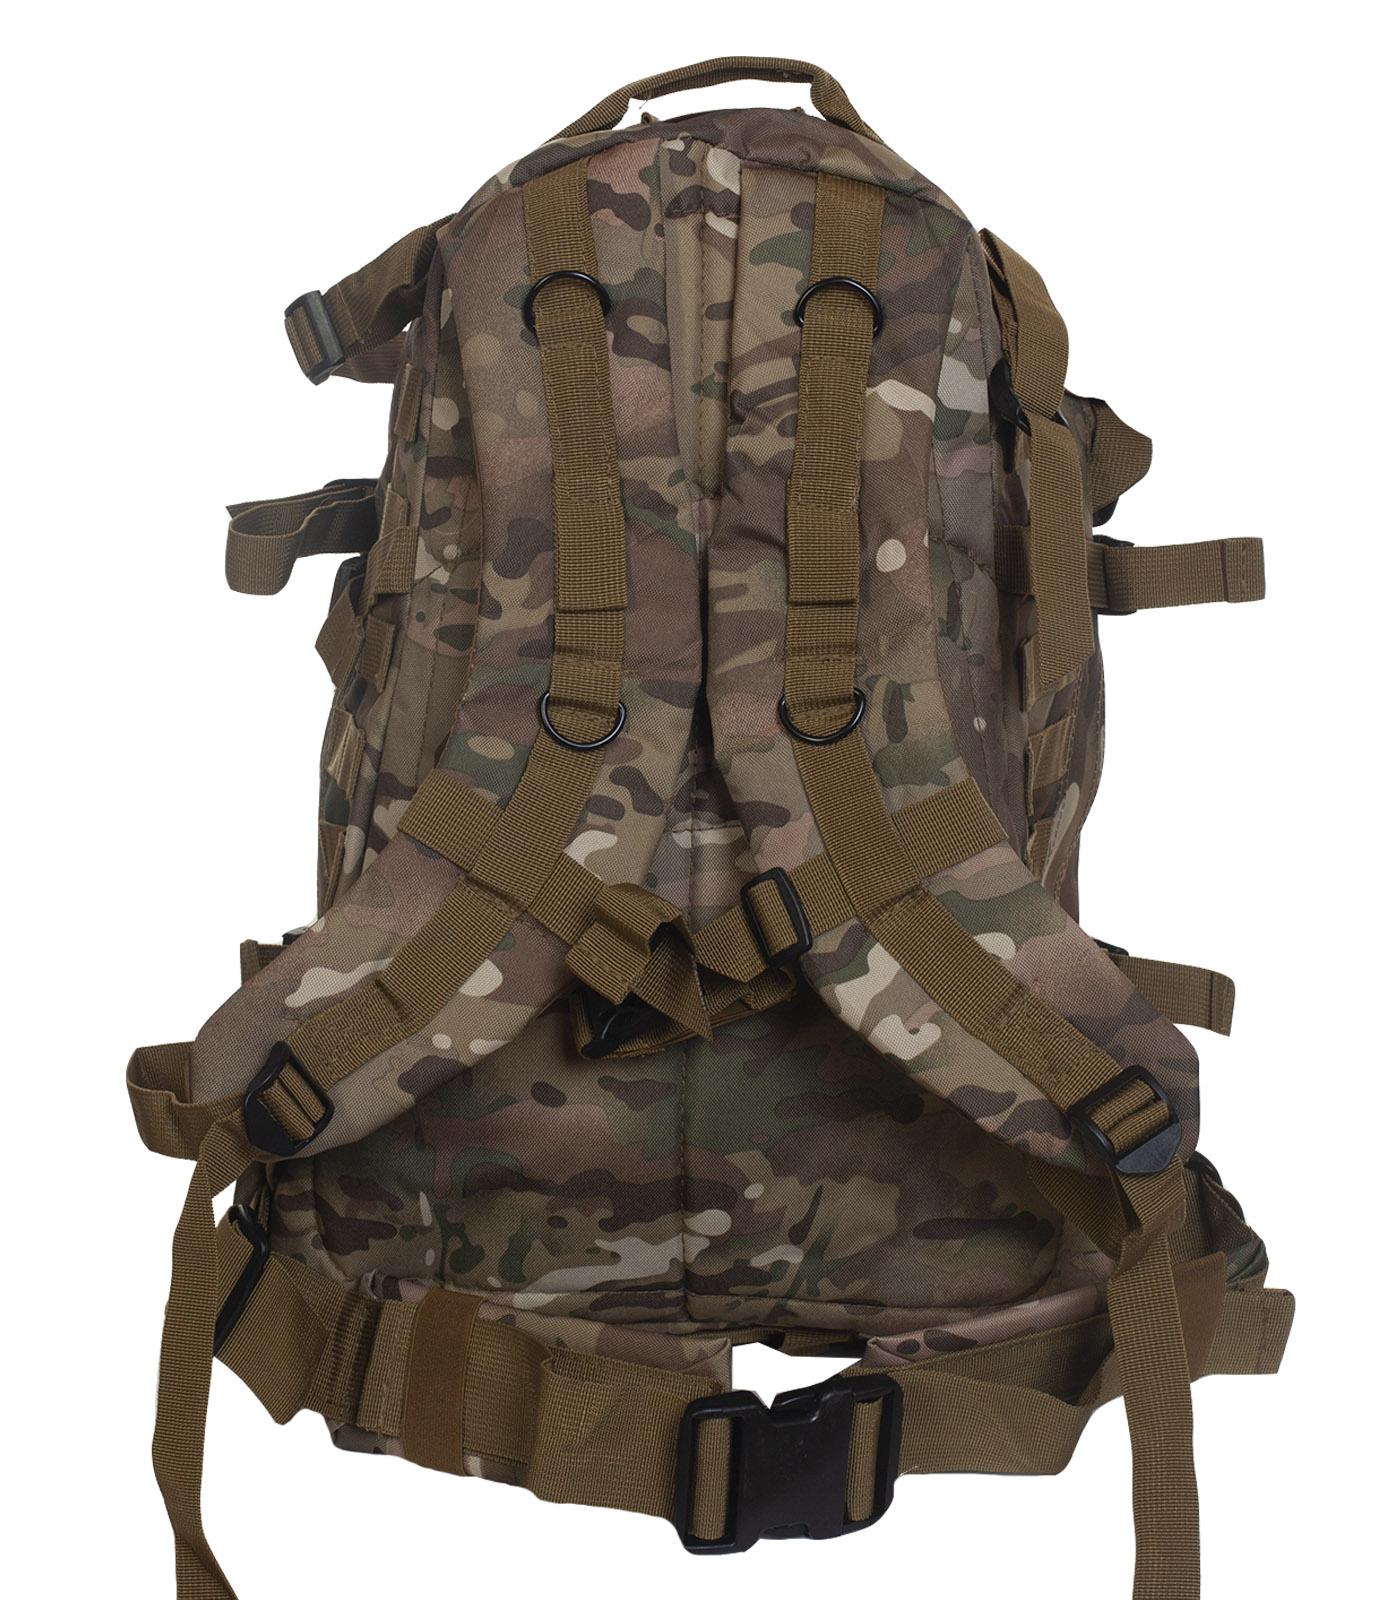 Удобный рюкзак для путешествий (камуфляж Multicam)  с доставкой